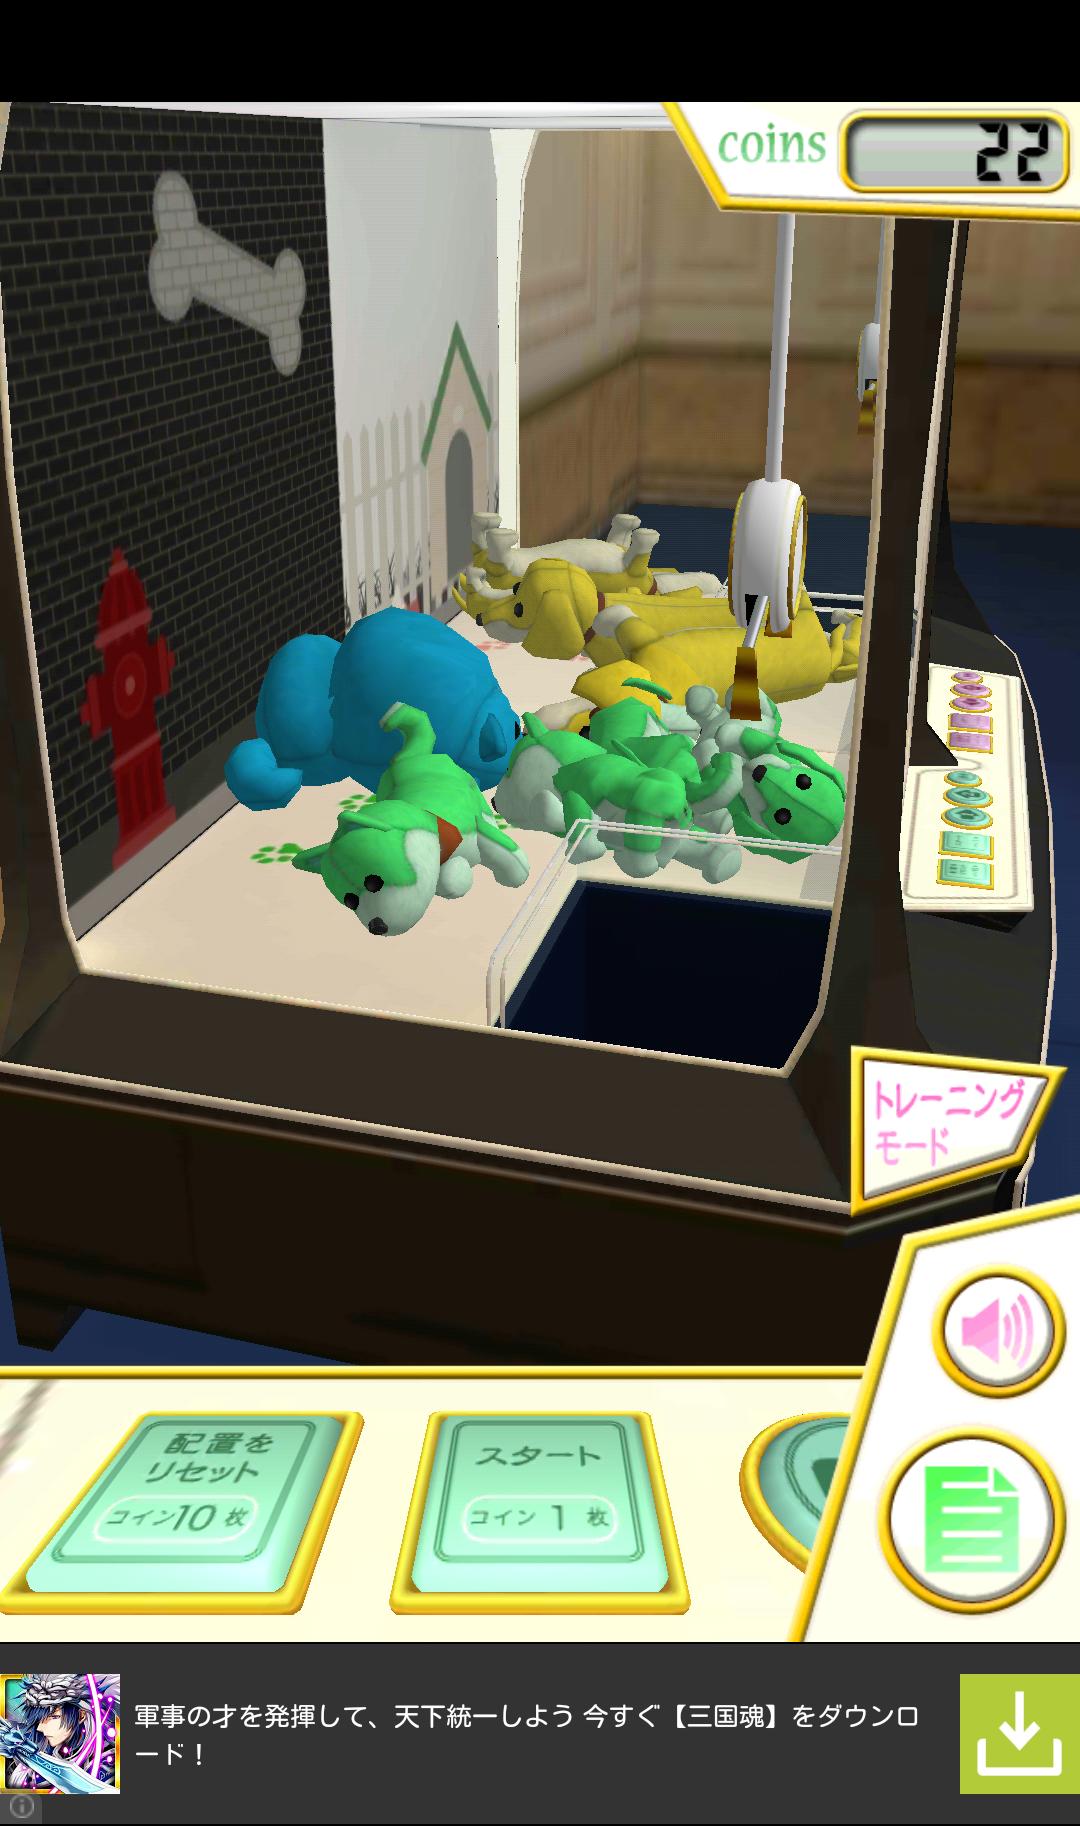 へなへな子犬キャッチャー androidアプリスクリーンショット3